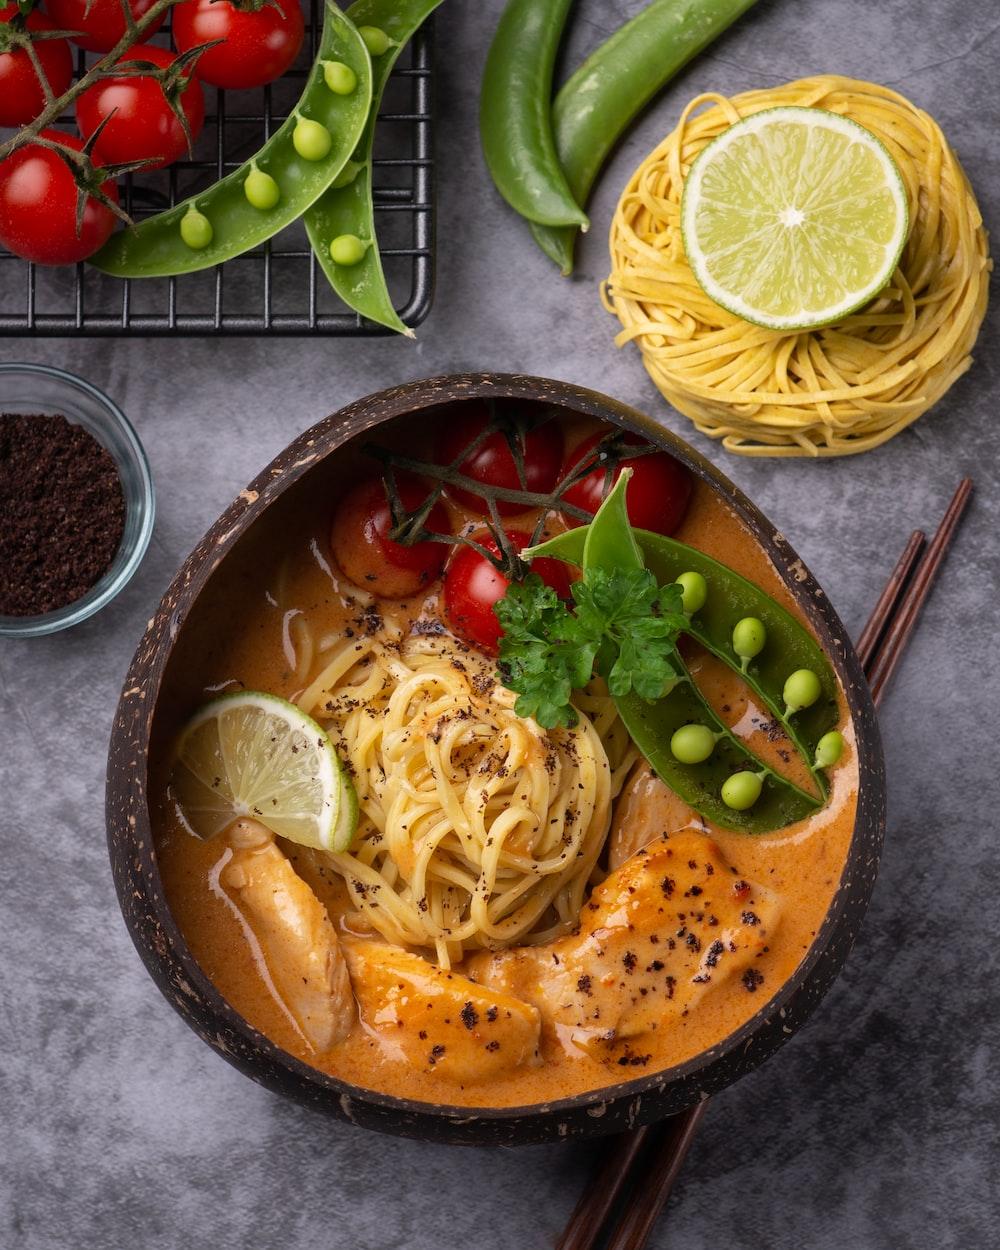 pasta dish on brown ceramic bowl